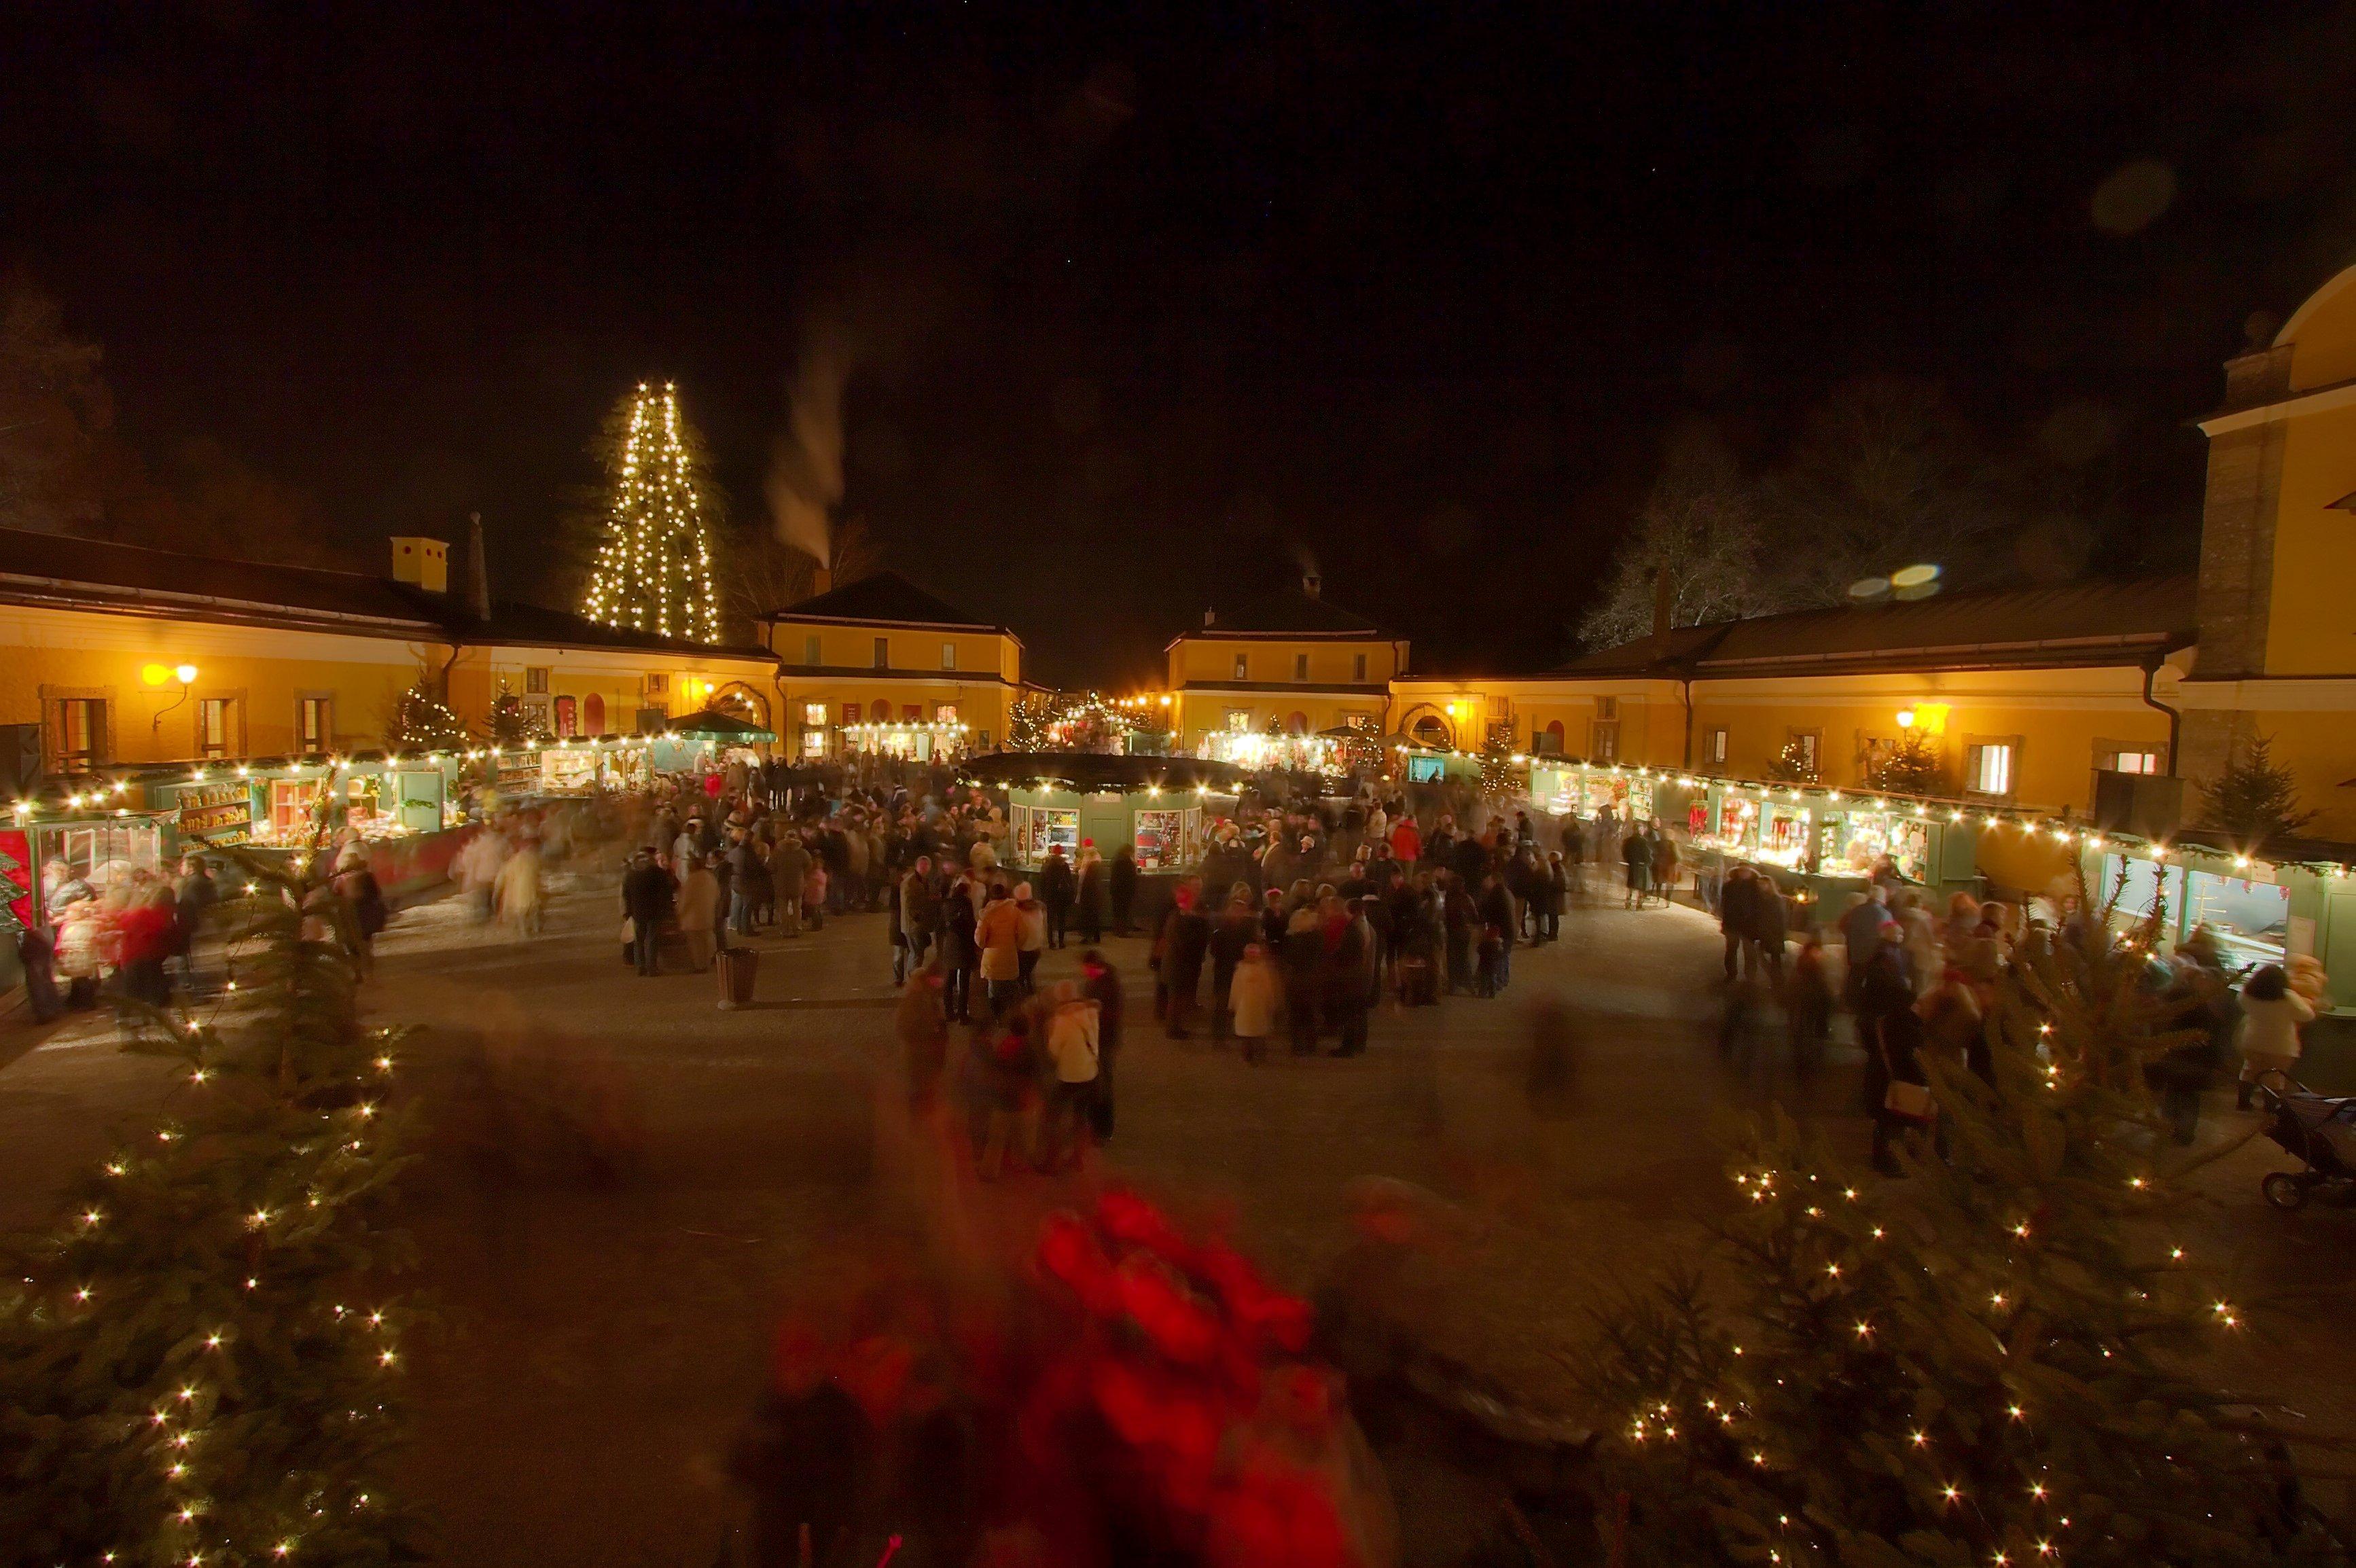 Schloss Hellbrunn Weihnachtsmarkt.Datei Christmas Market Castle Hellbrunn Jpg Wikipedia